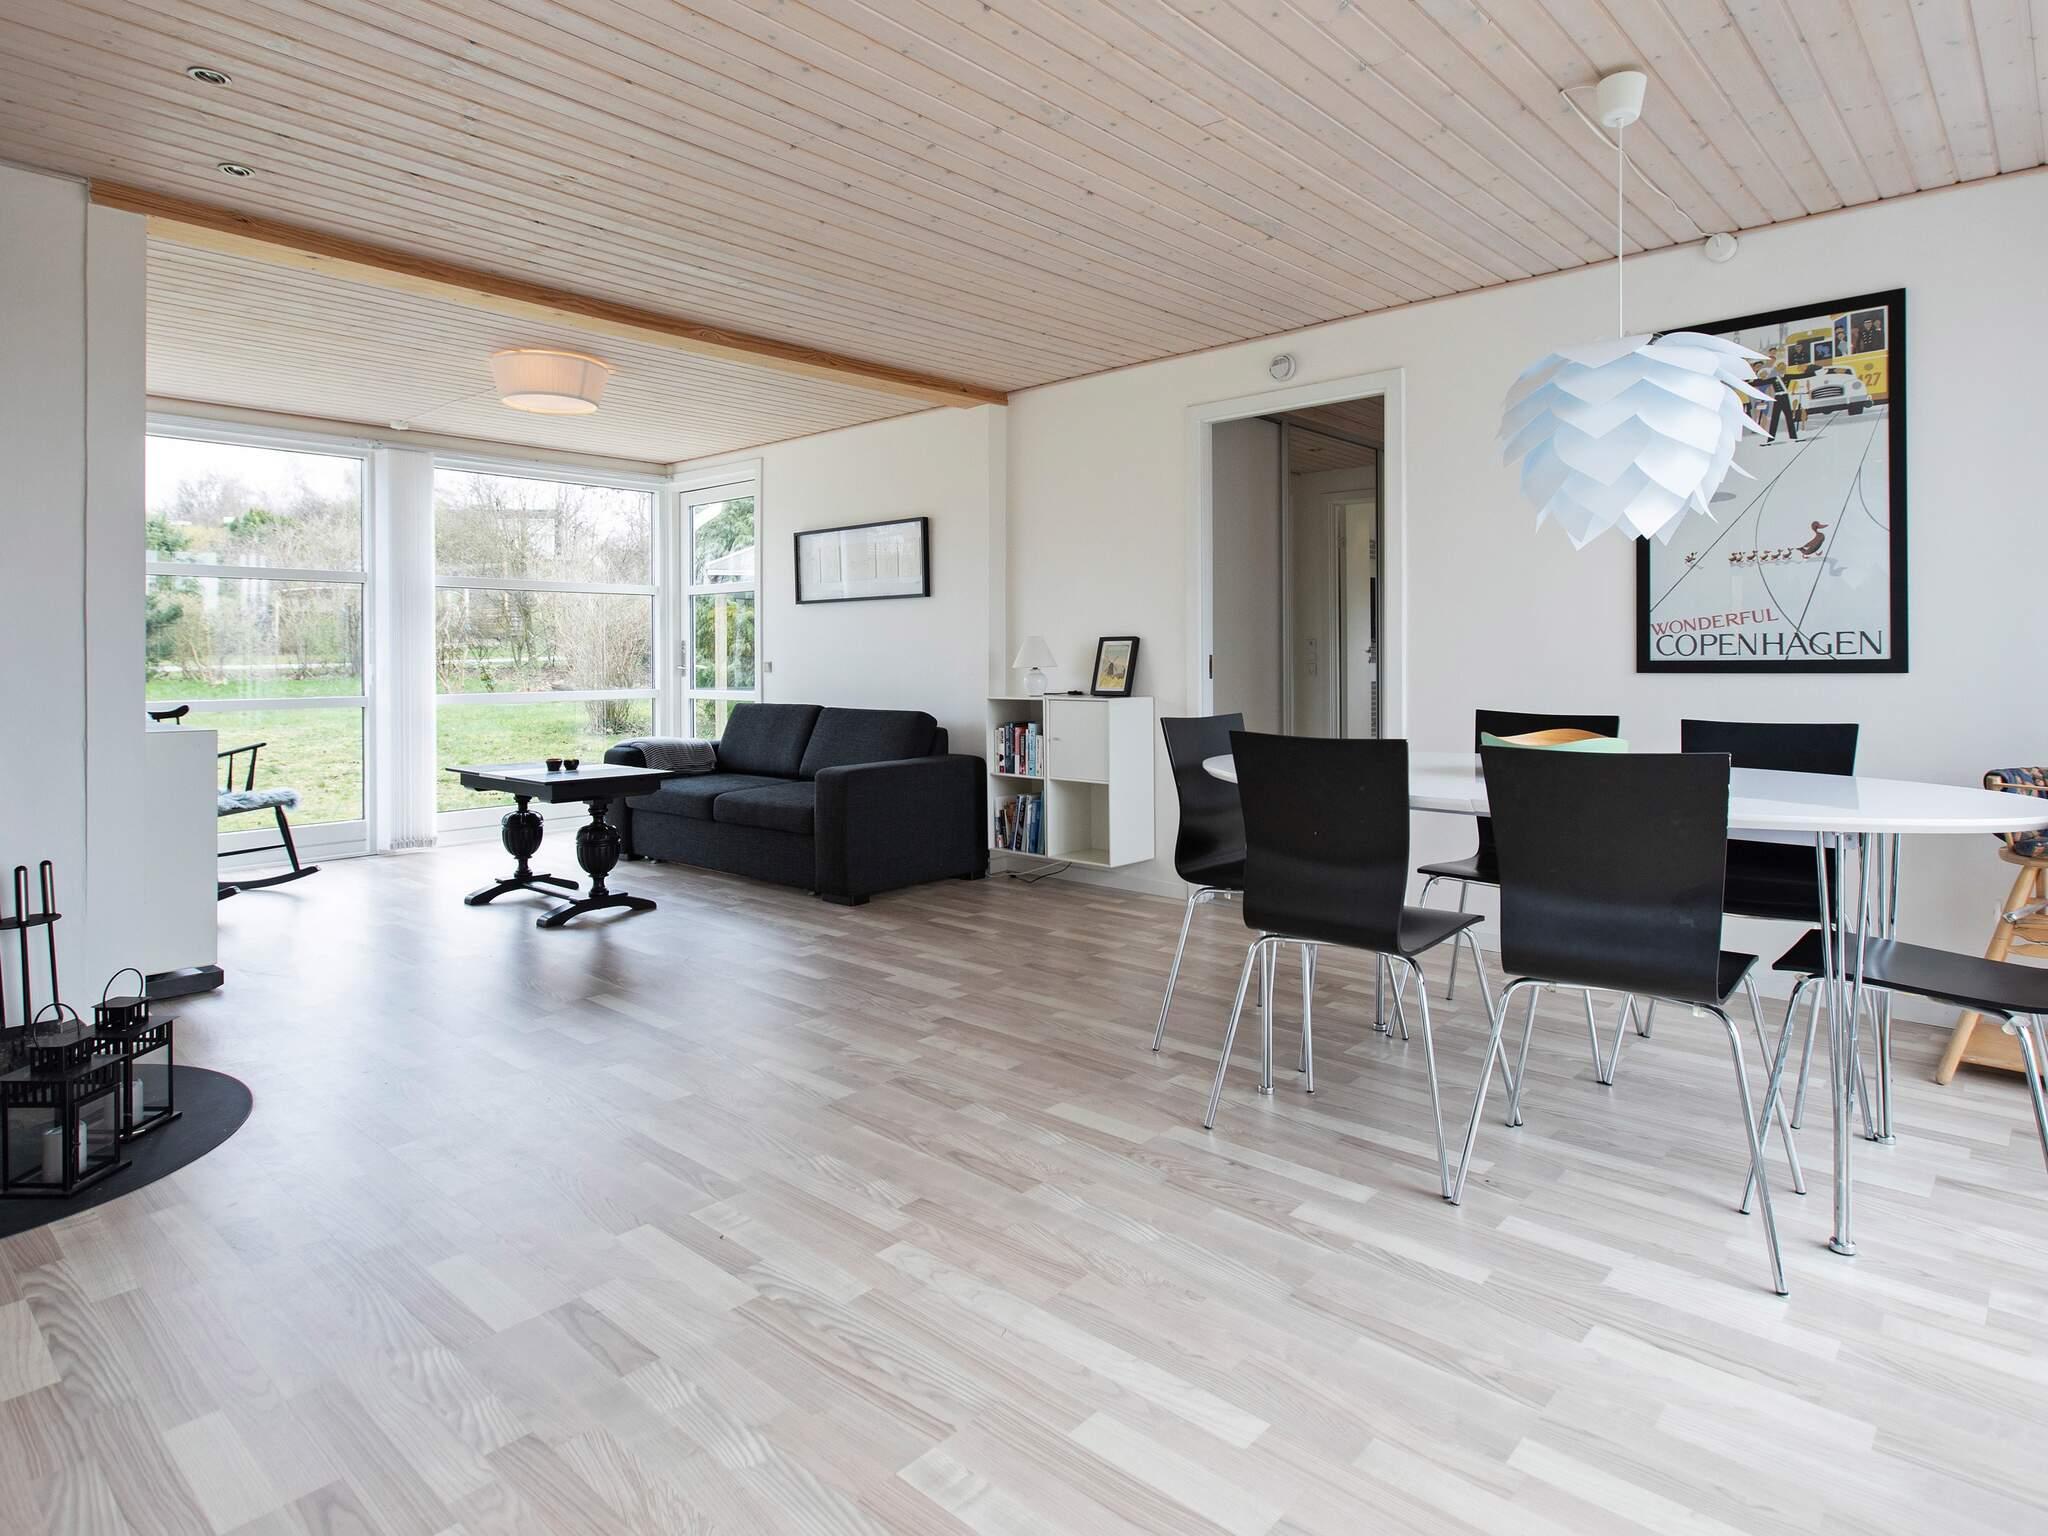 Ferienhaus Overdråby Strand Ferienhaus